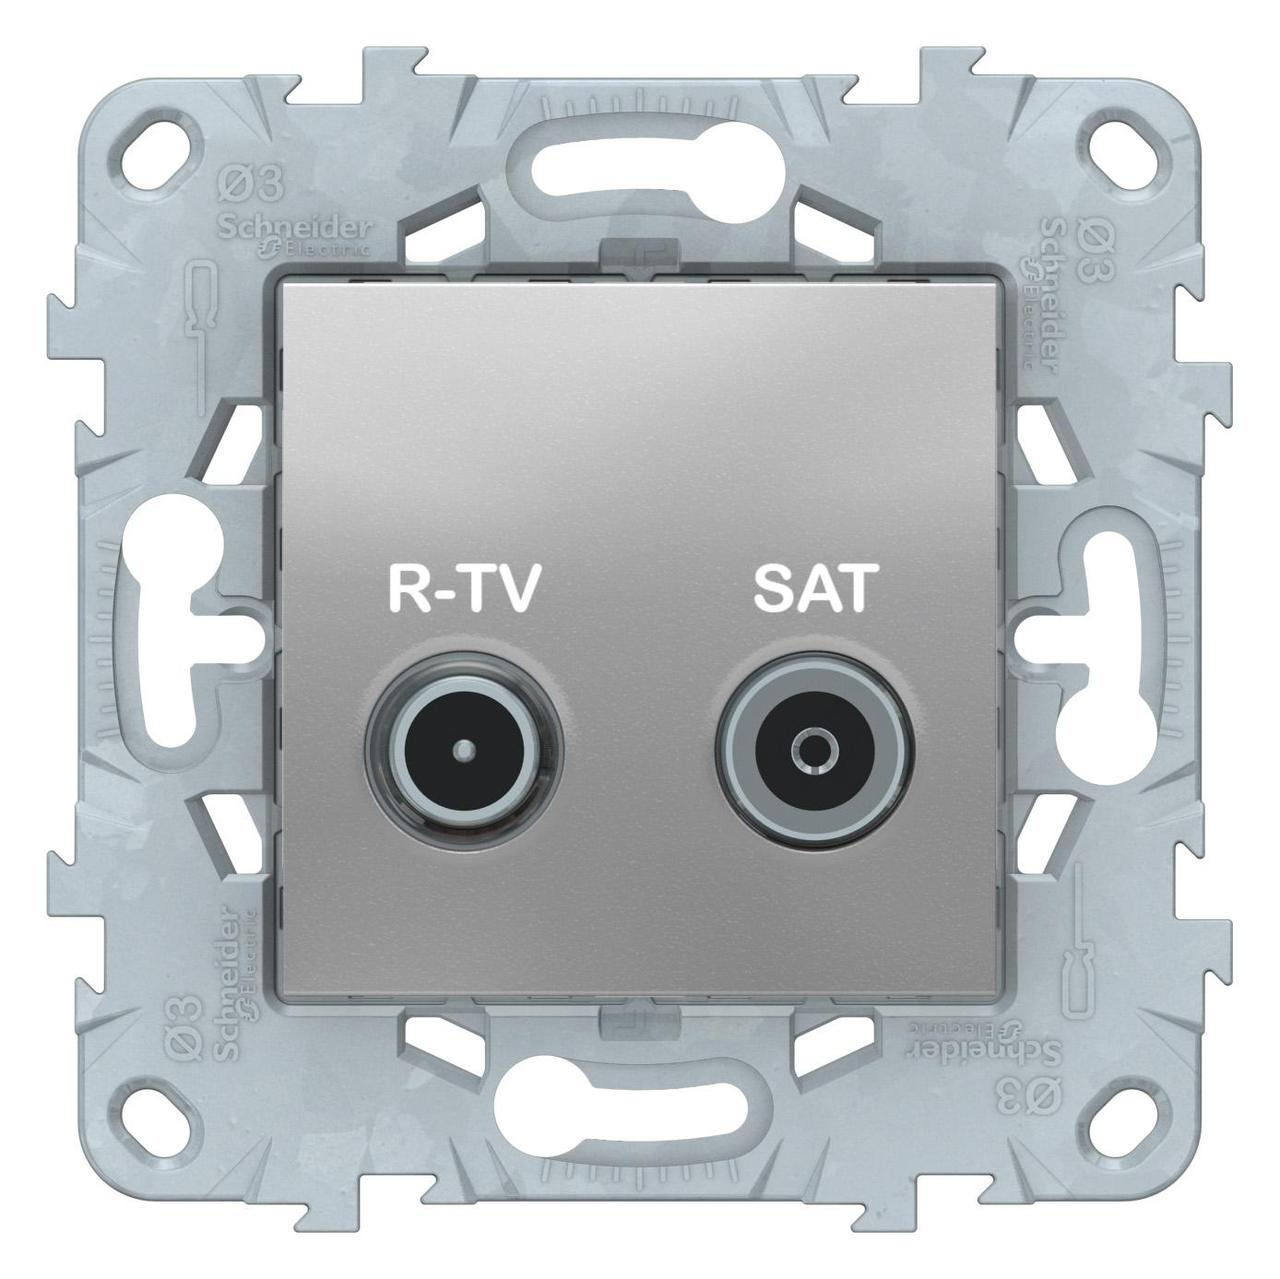 Розетка телевизионная оконечная ТV-SAT , Алюминий, серия Unica New, Schneider Electric